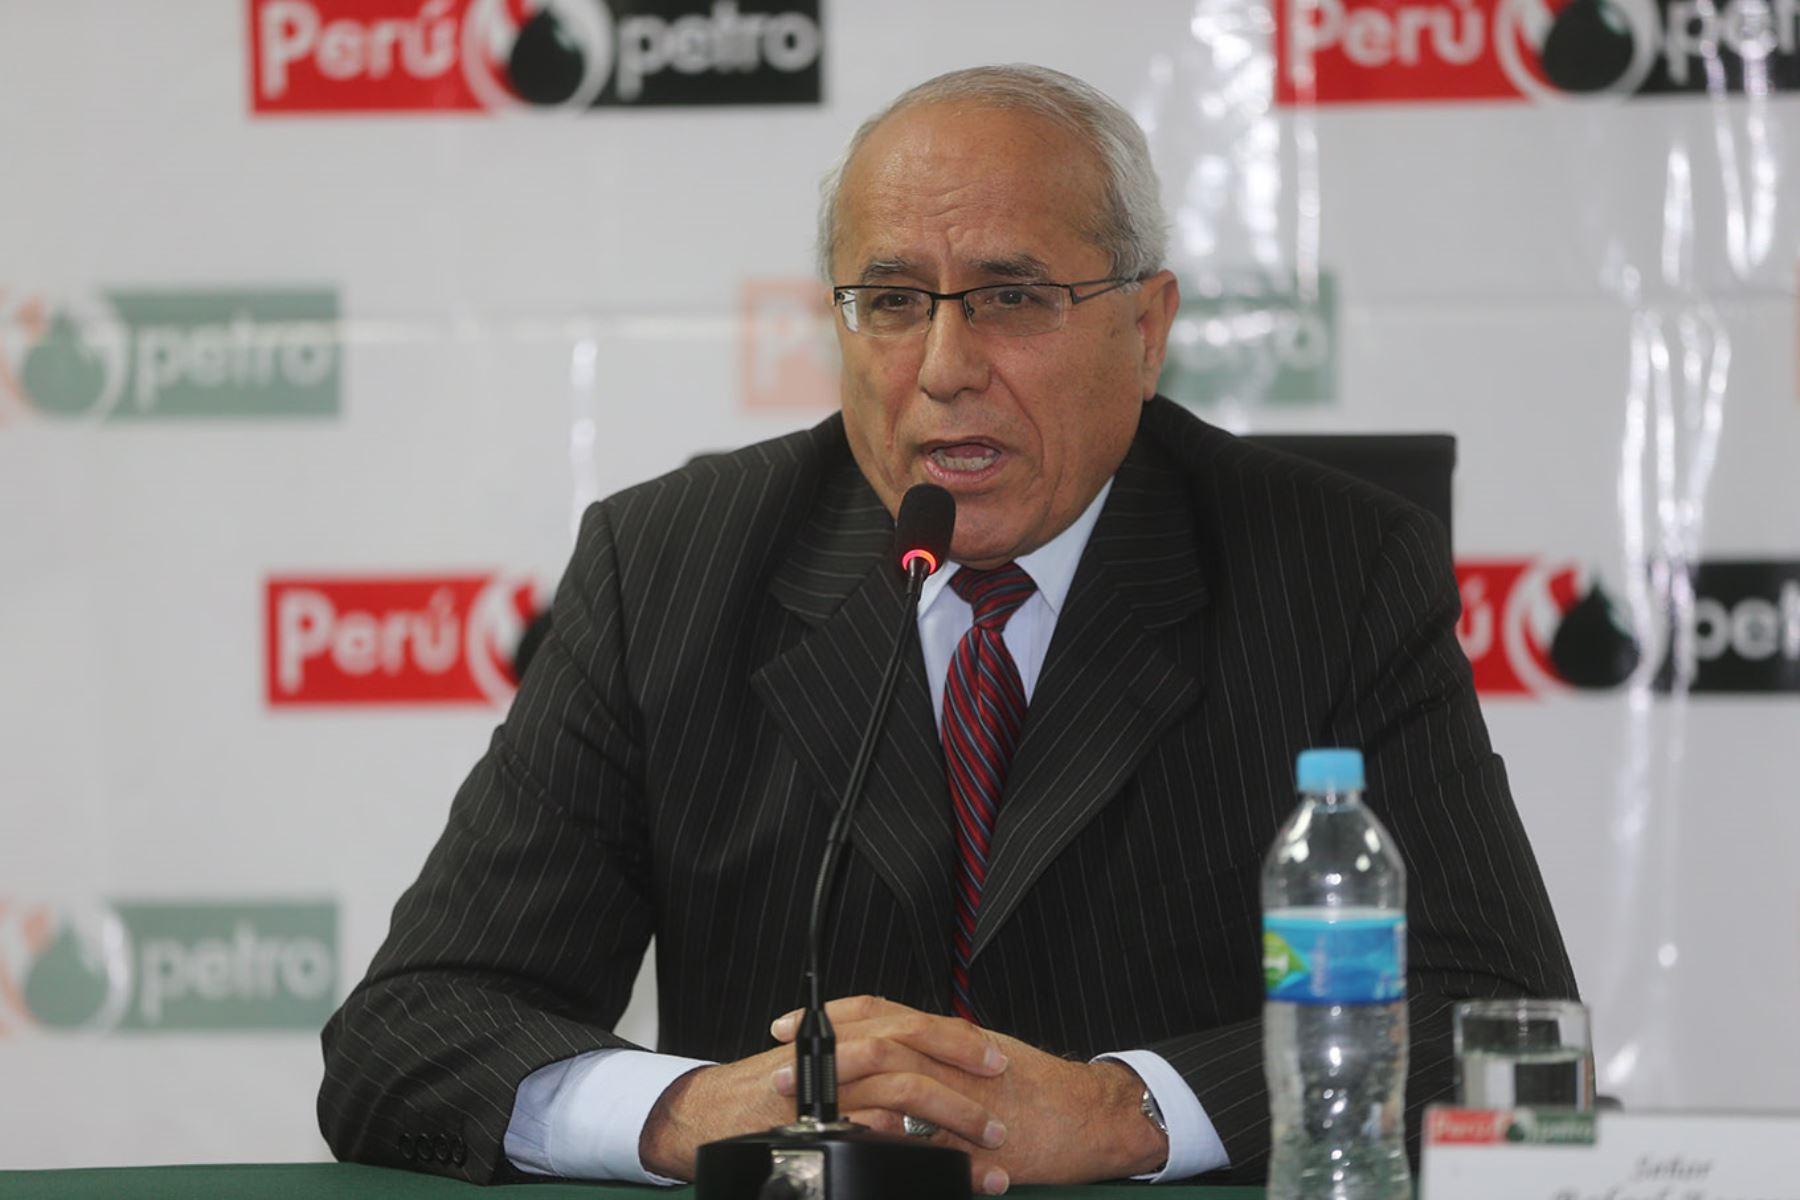 LIMA, PERÚ - AGOSTO 21. Conferencia de prensa del presidente de directorio de Perúpetro, Rafael Zoeger.Foto: ANDINA/Juan Carlos Guzmán Negrini.